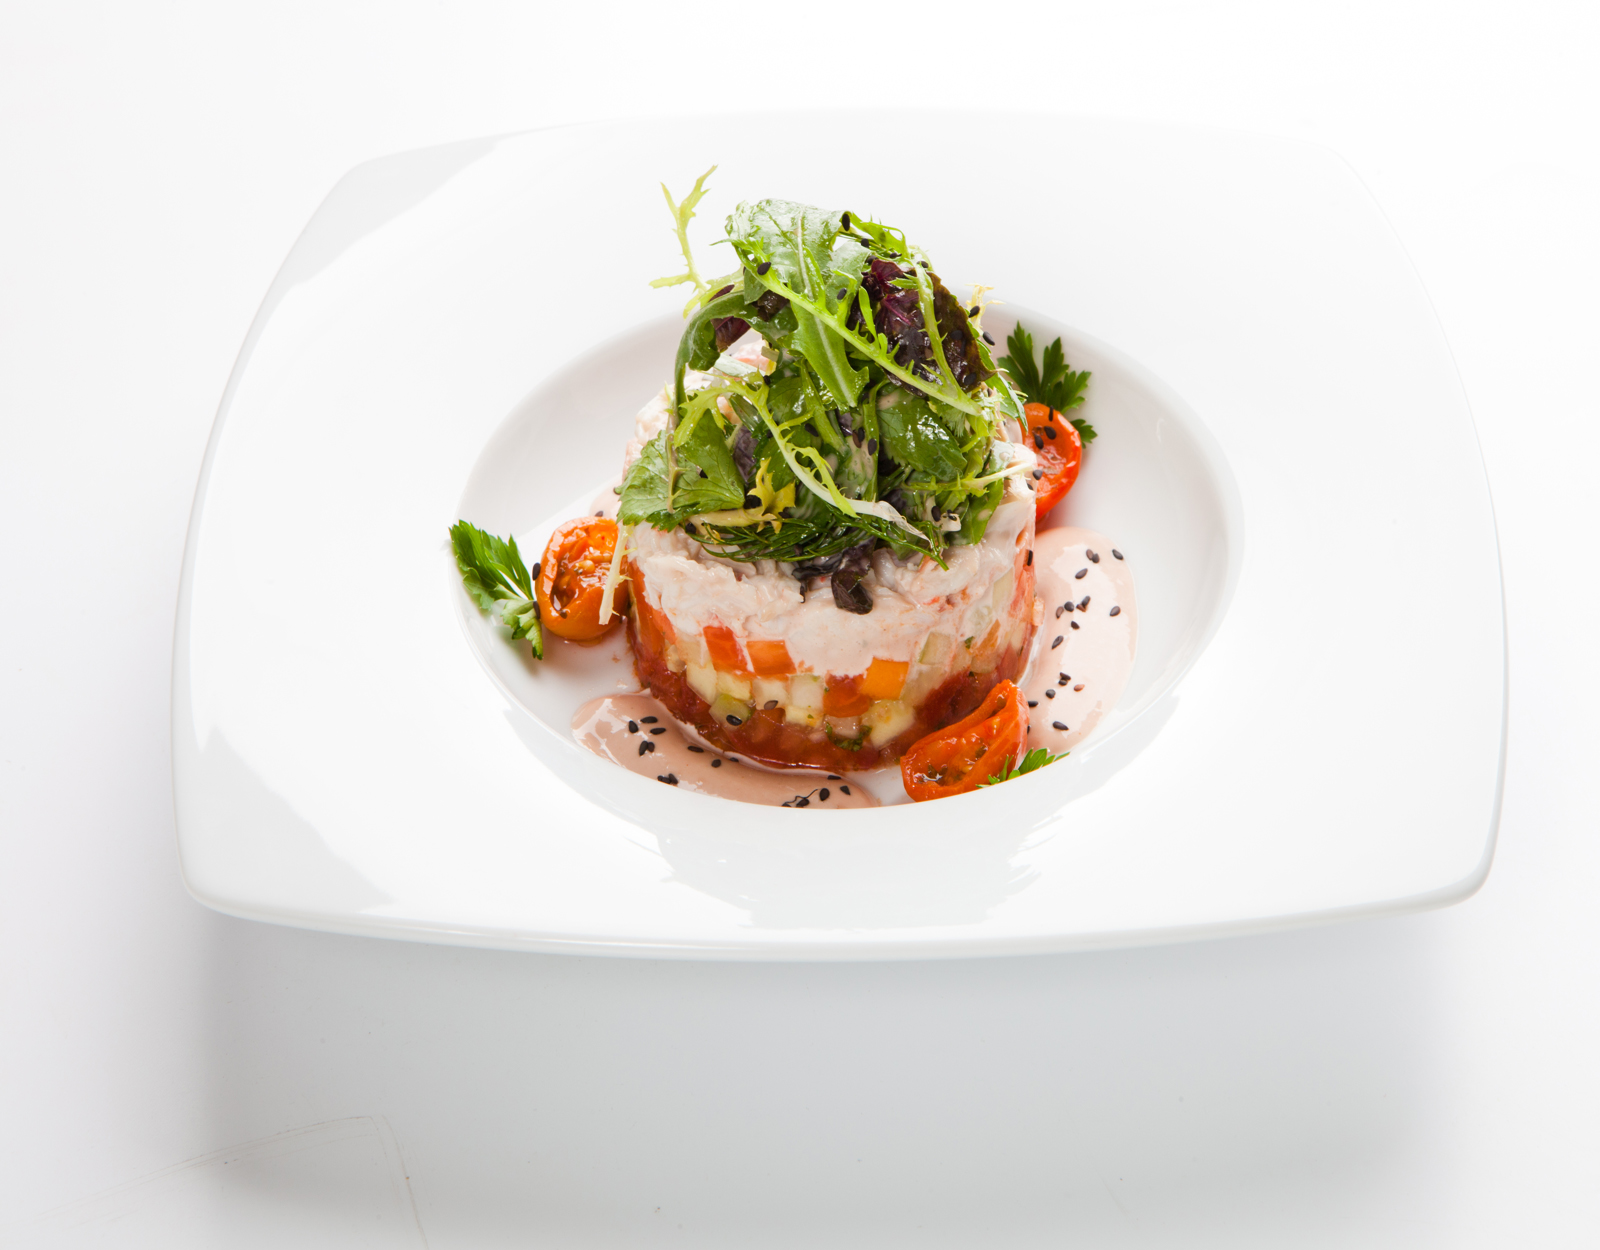 Краб камчатский в салат изрубленный, с плодами южными на новый манер